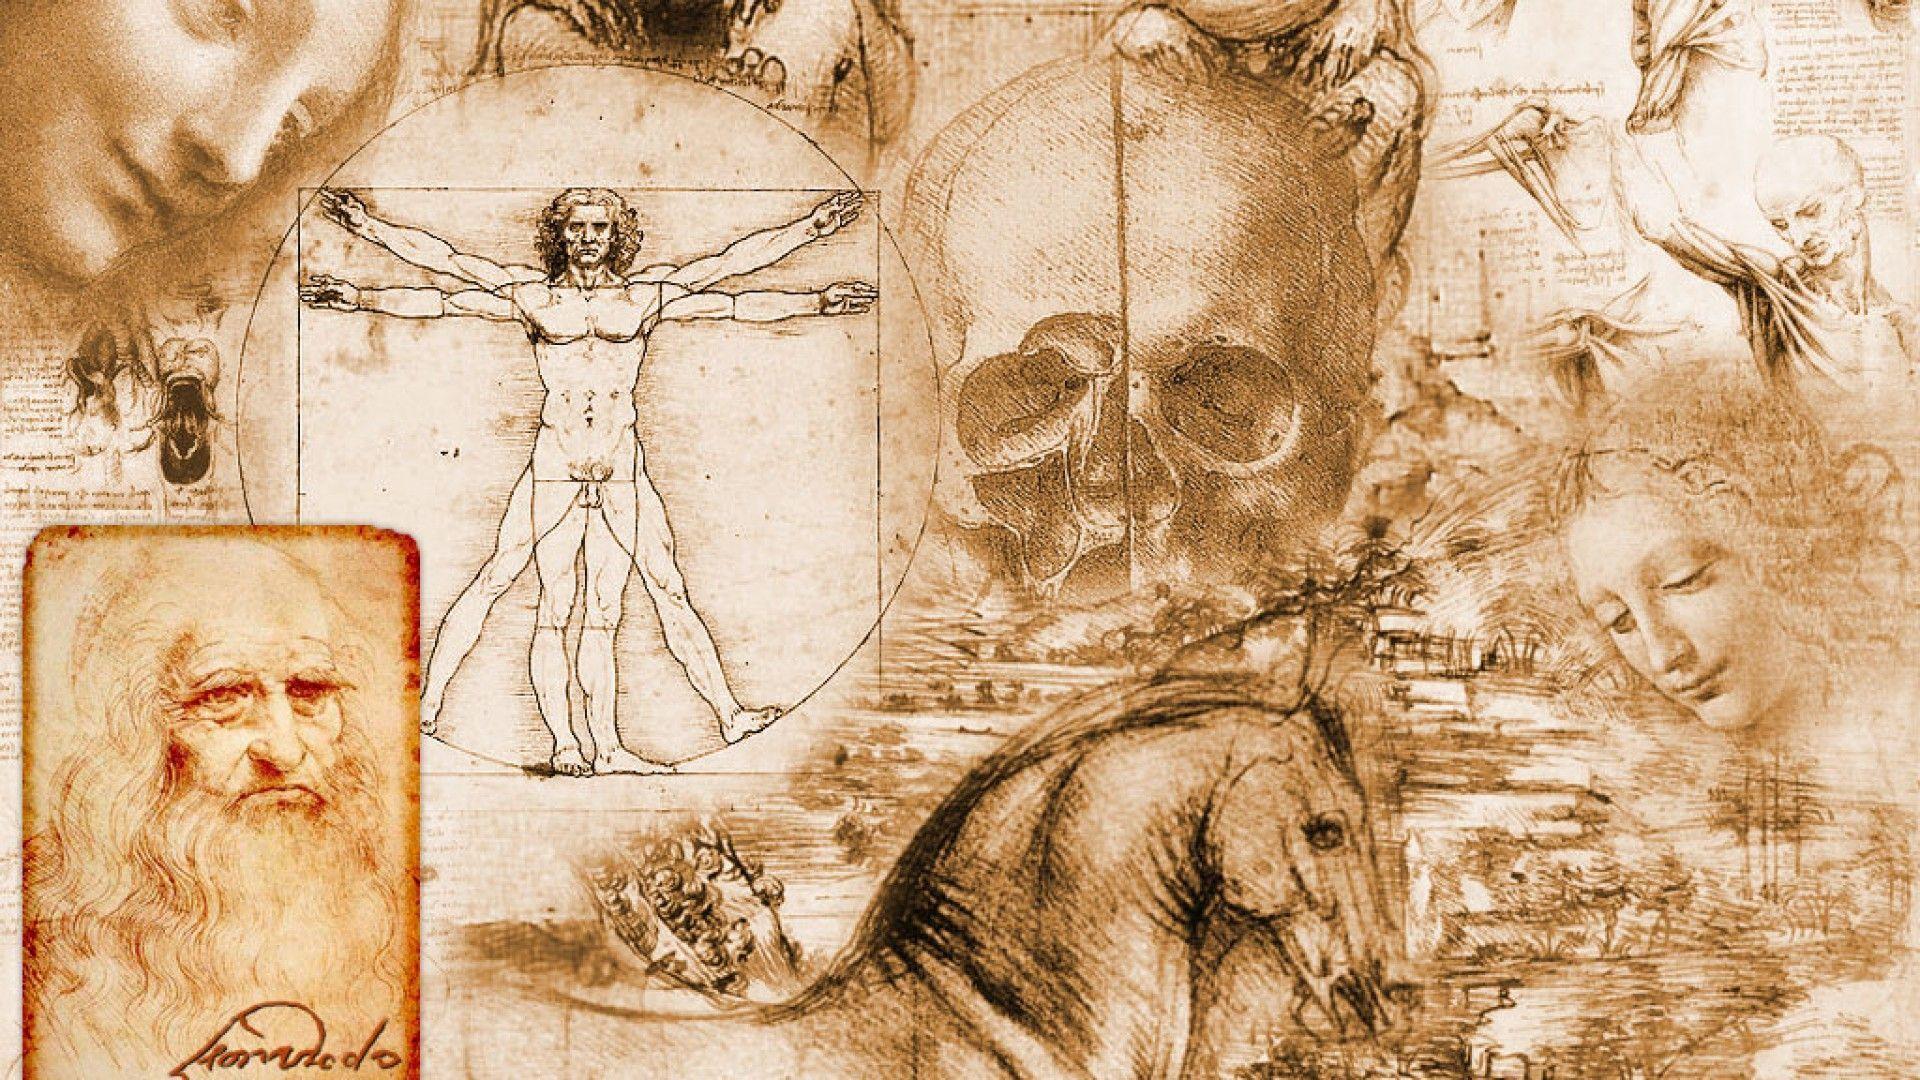 Da Vinci Wallpapers - Wallpaper Cave